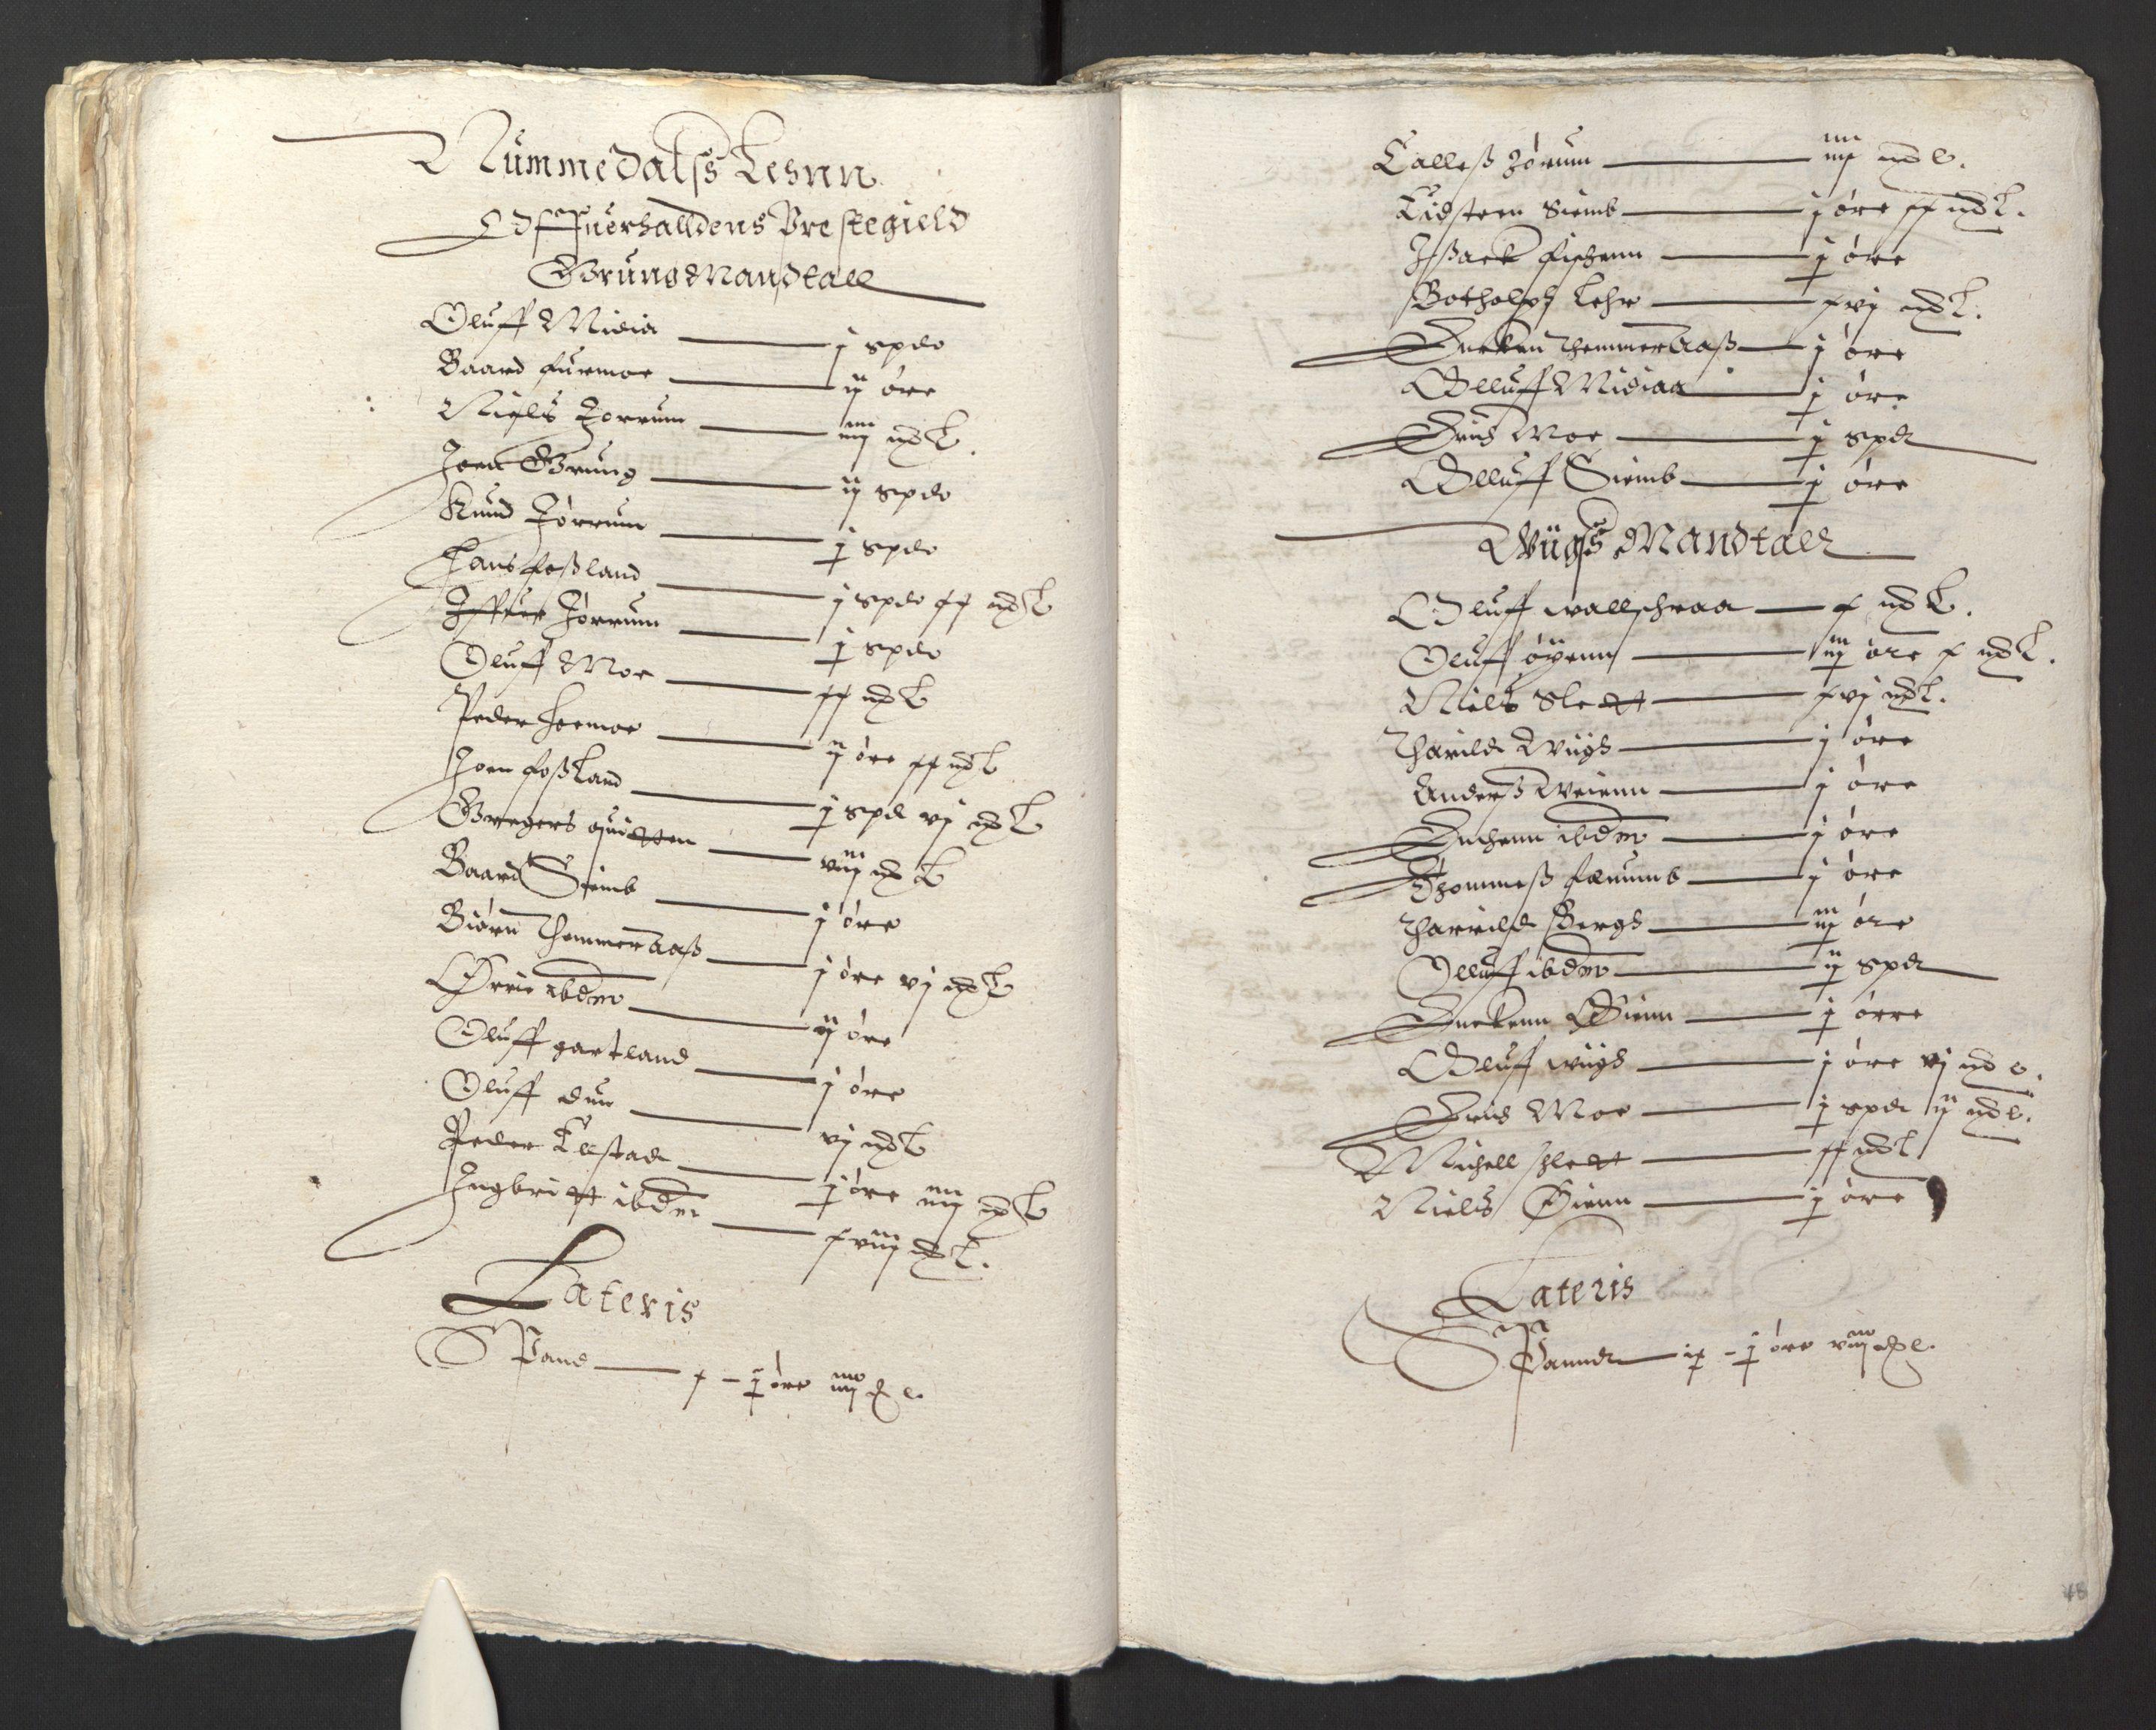 RA, Stattholderembetet 1572-1771, Ek/L0013: Jordebøker til utlikning av rosstjeneste 1624-1626:, 1624-1625, s. 51